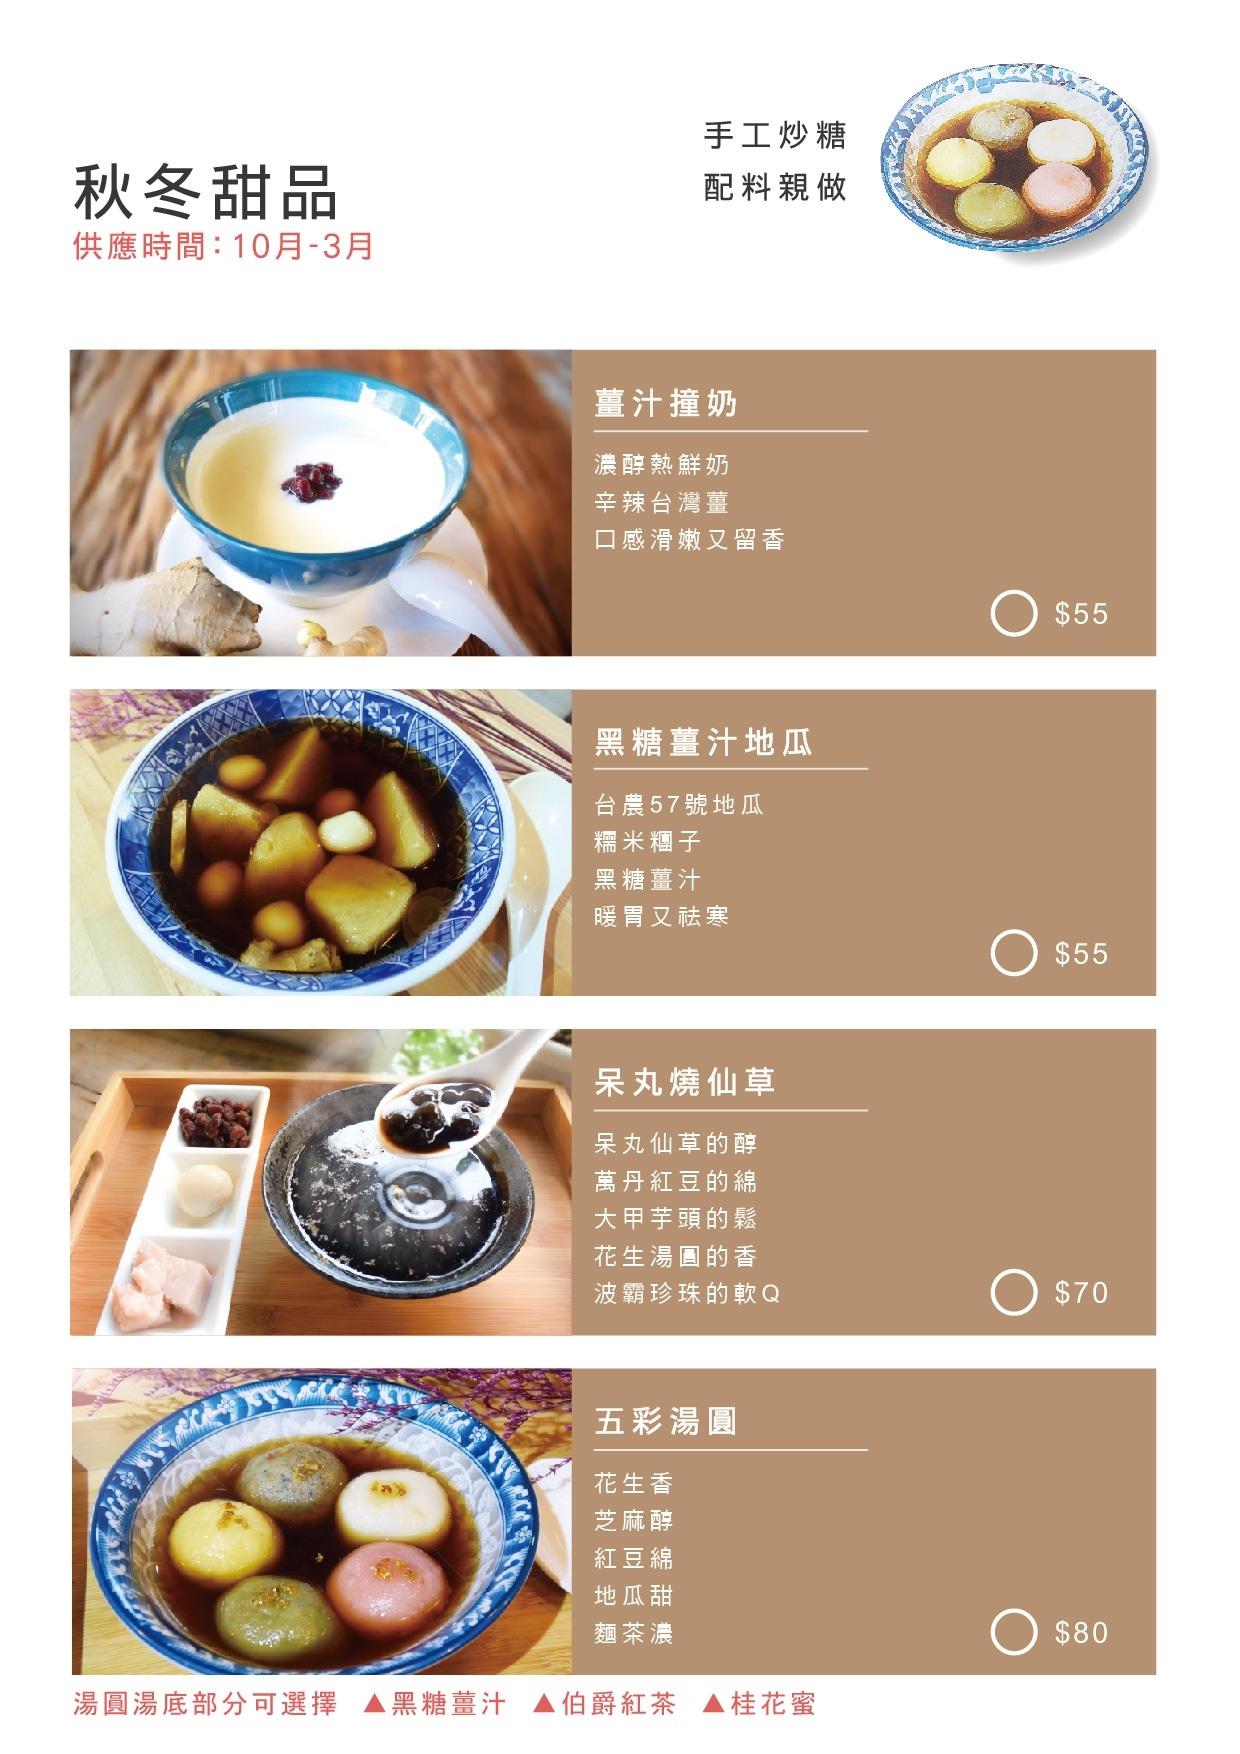 新南五五製冰所 菜單 台中大里冰店04